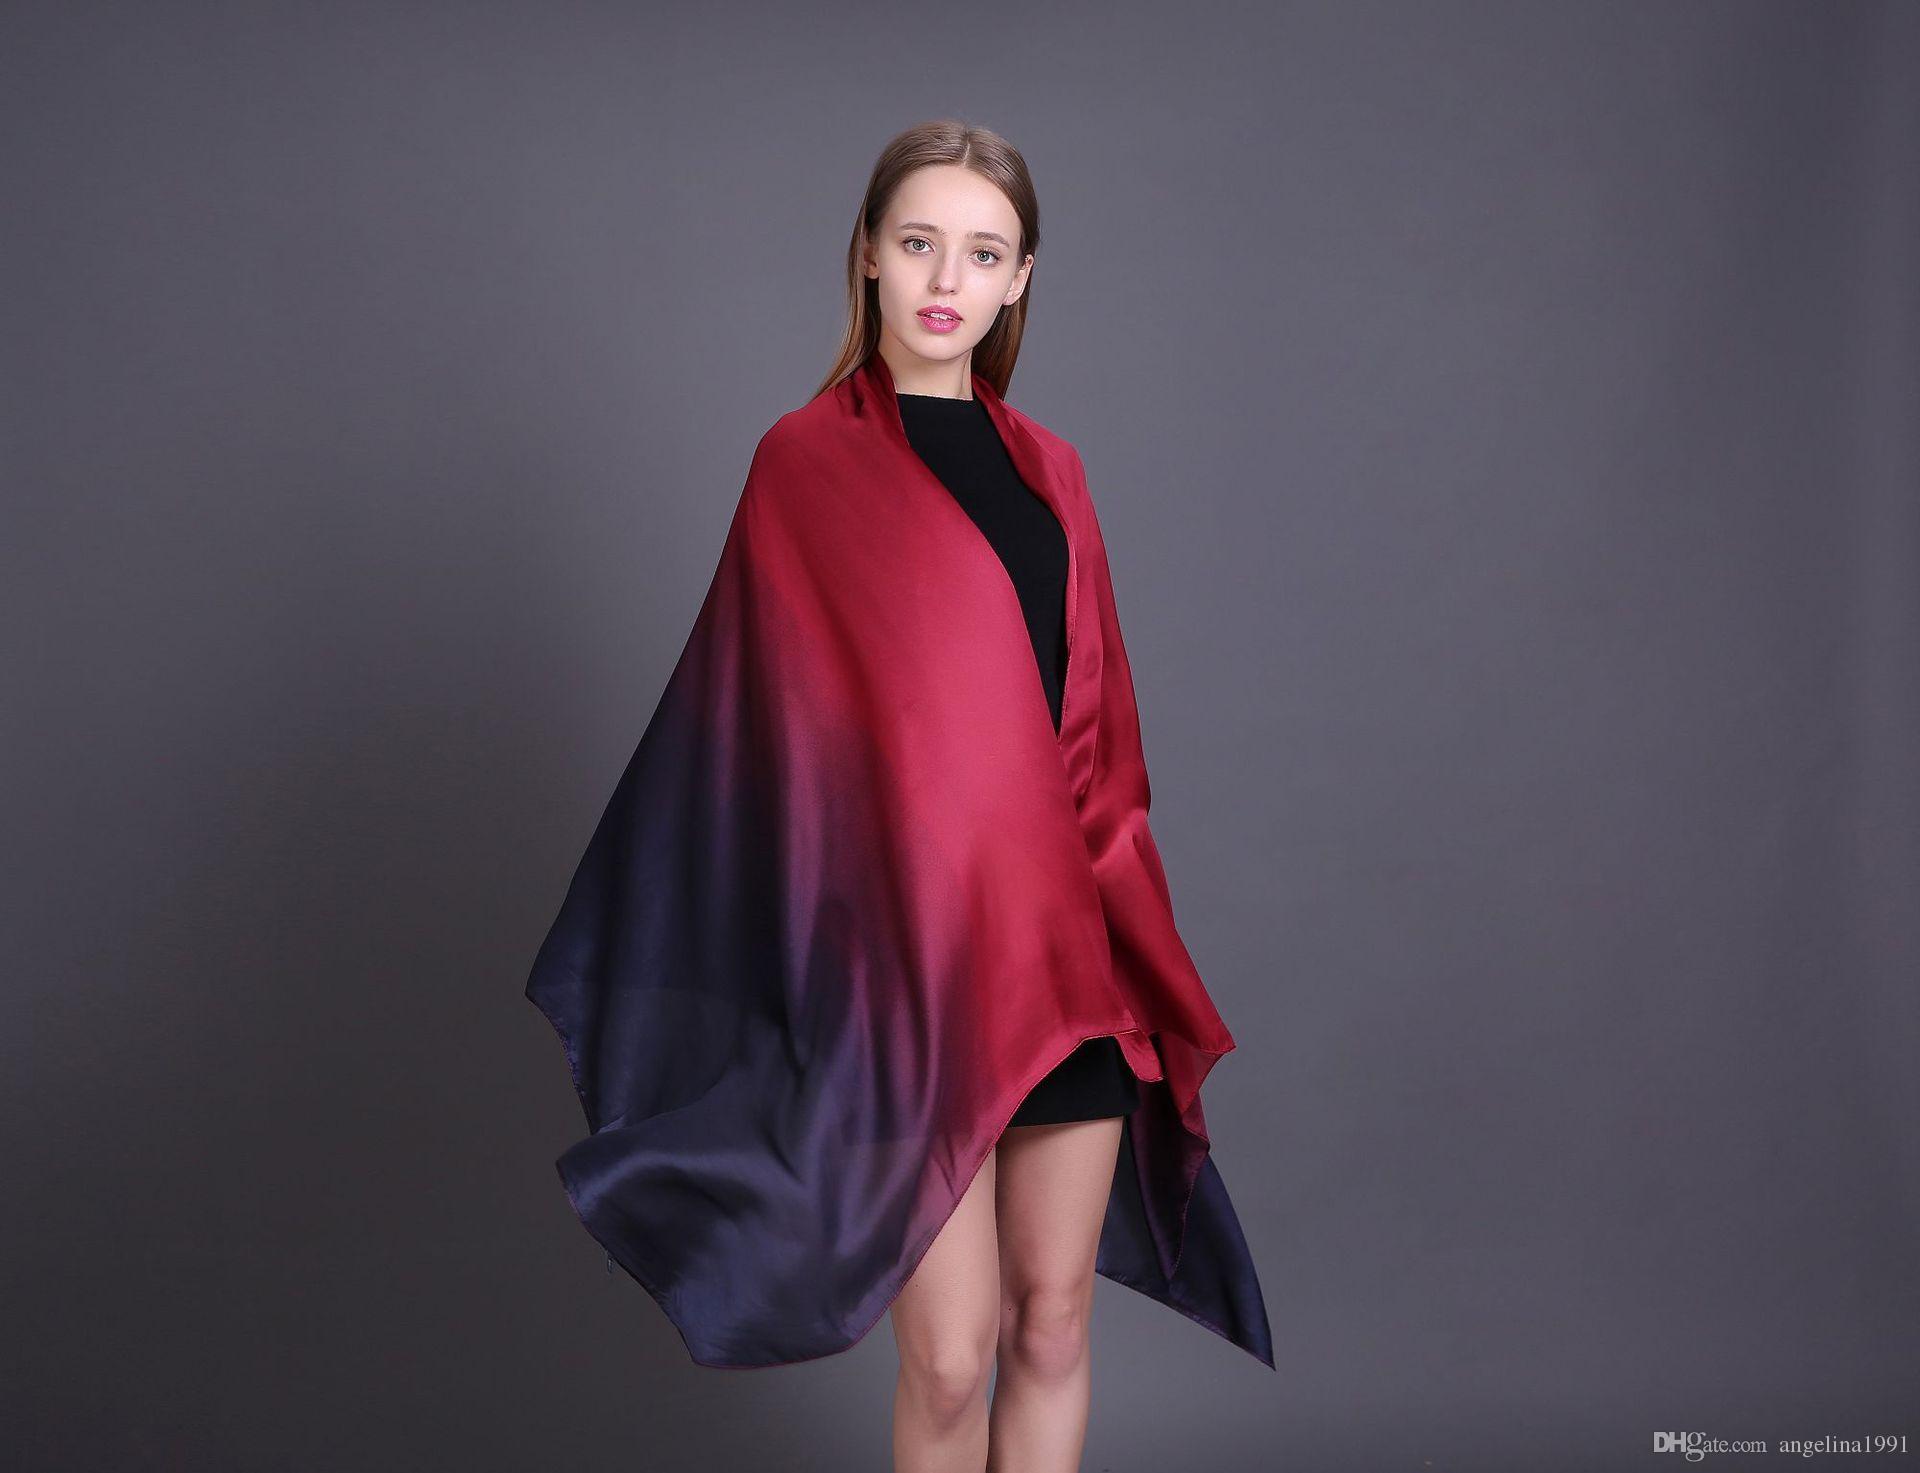 Moda Seda amoreira cachecóis de seda cachecol de seda mulheres de cabelo fino longo cachecol cor primavera e outono toalha de praia